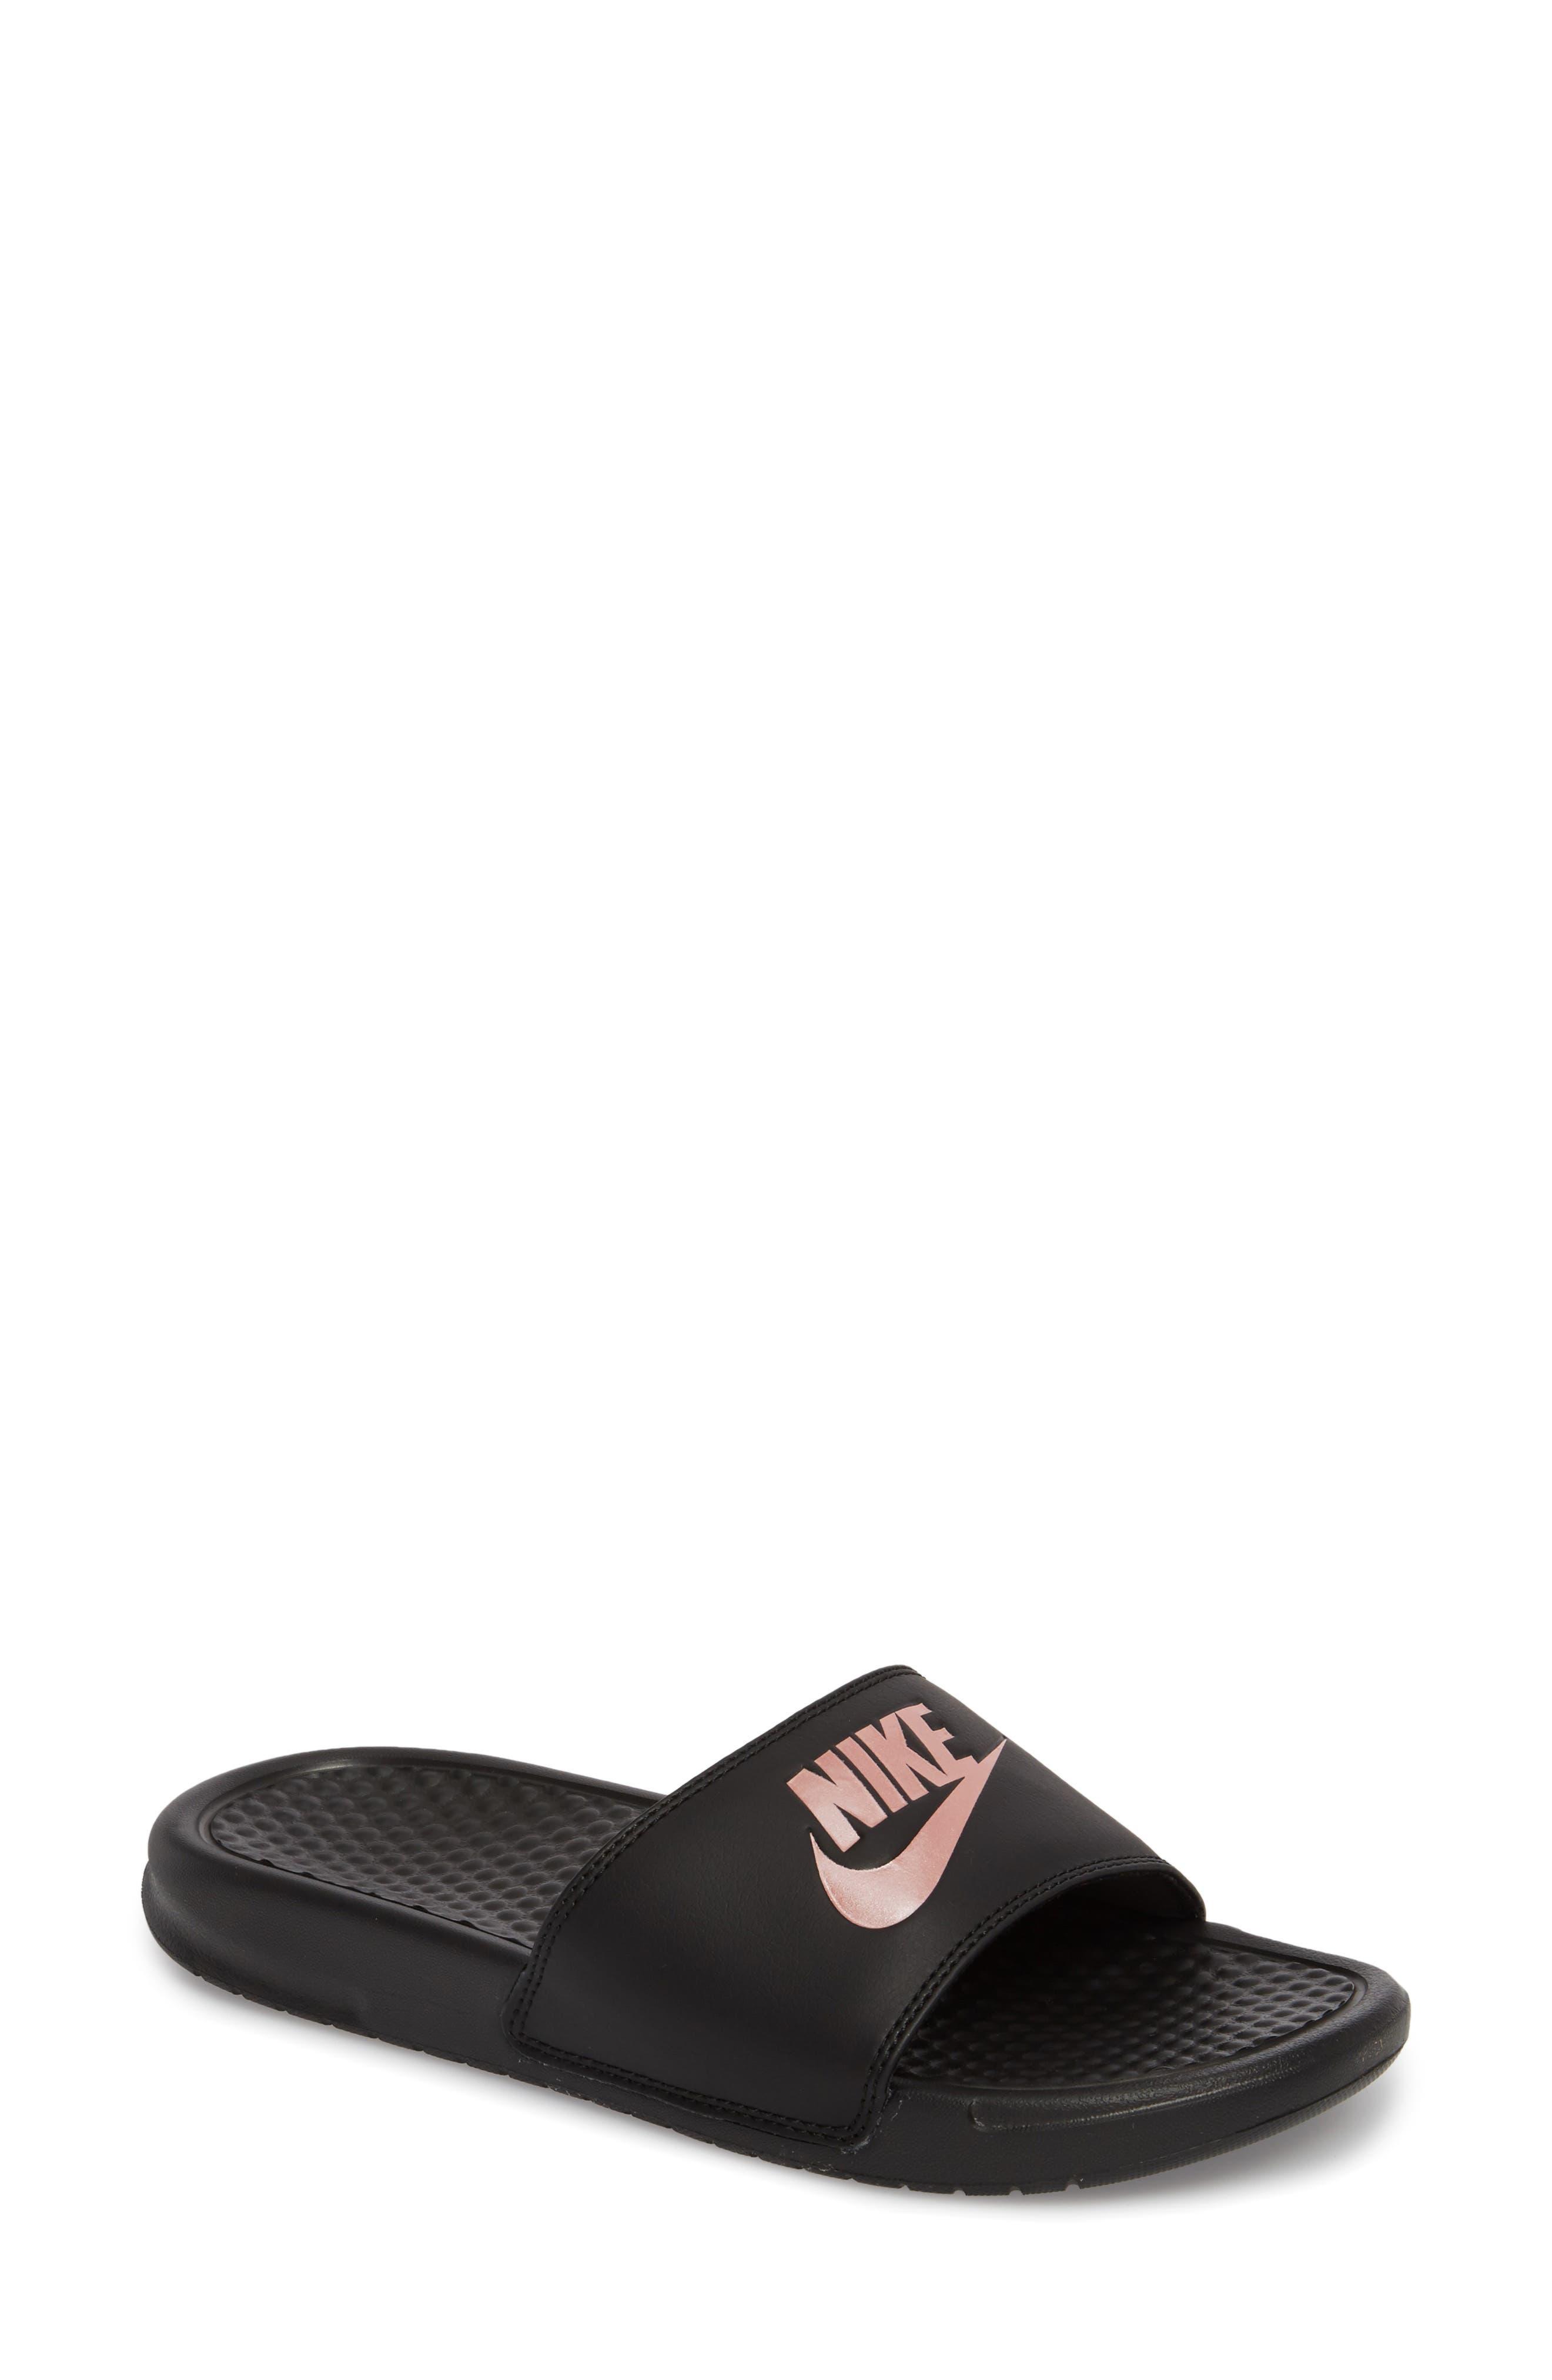 NIKE, Benassi JDI Slide Sandal, Main thumbnail 1, color, BLACK/ ROSE GOLD